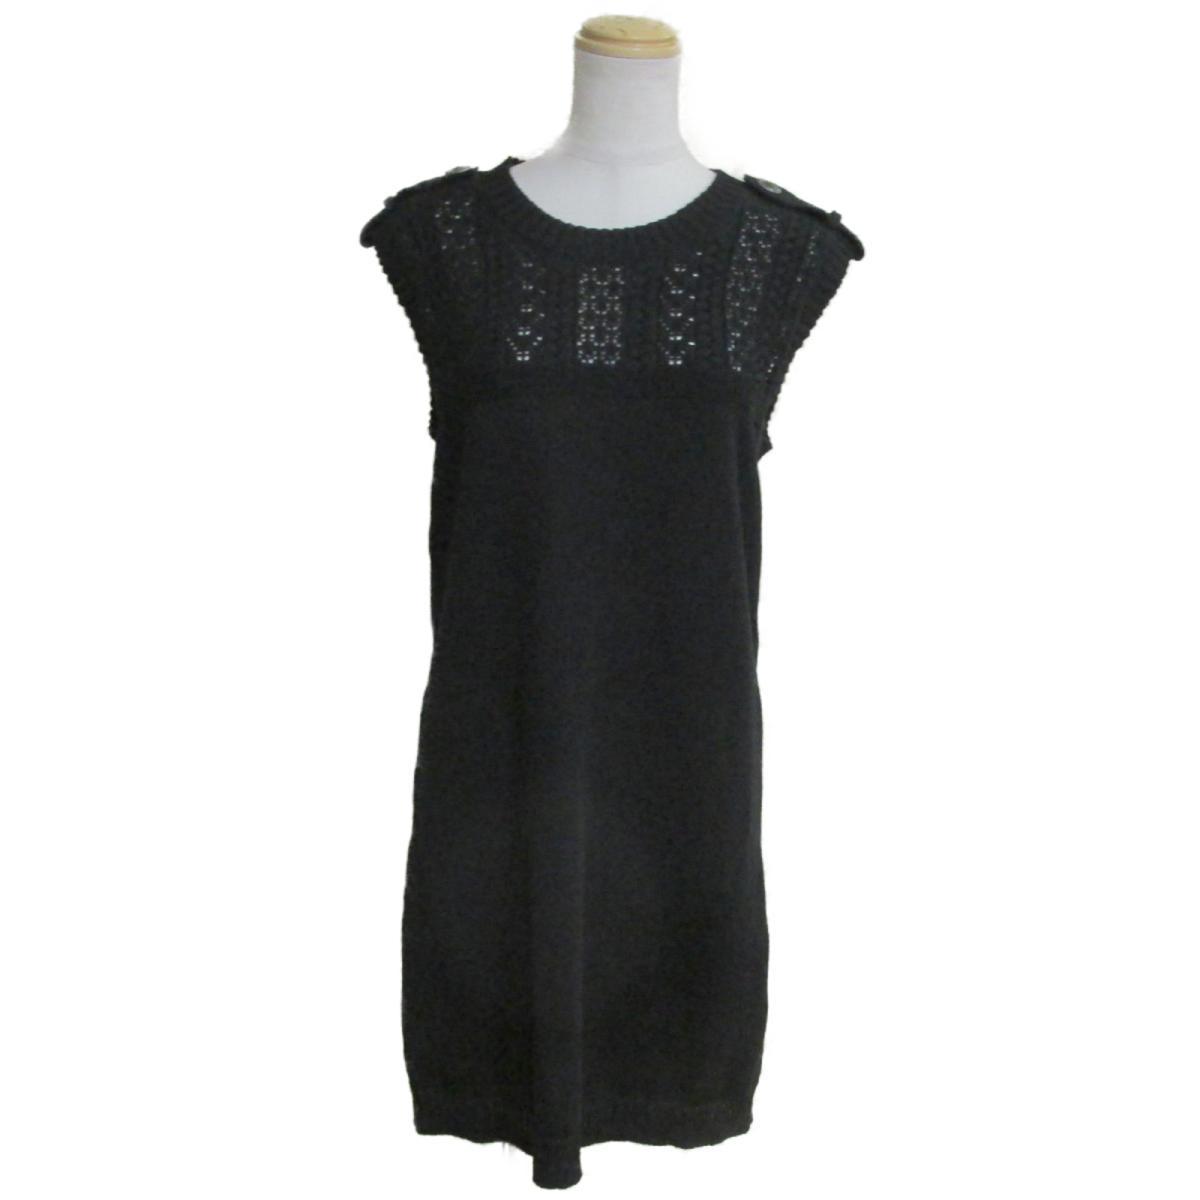 【中古】 シャネル ニットワンピース レディース コットン100% ブラック (P53710K06995) | CHANEL BRANDOFF ブランドオフ 衣料品 衣類 ブランド ワンピース